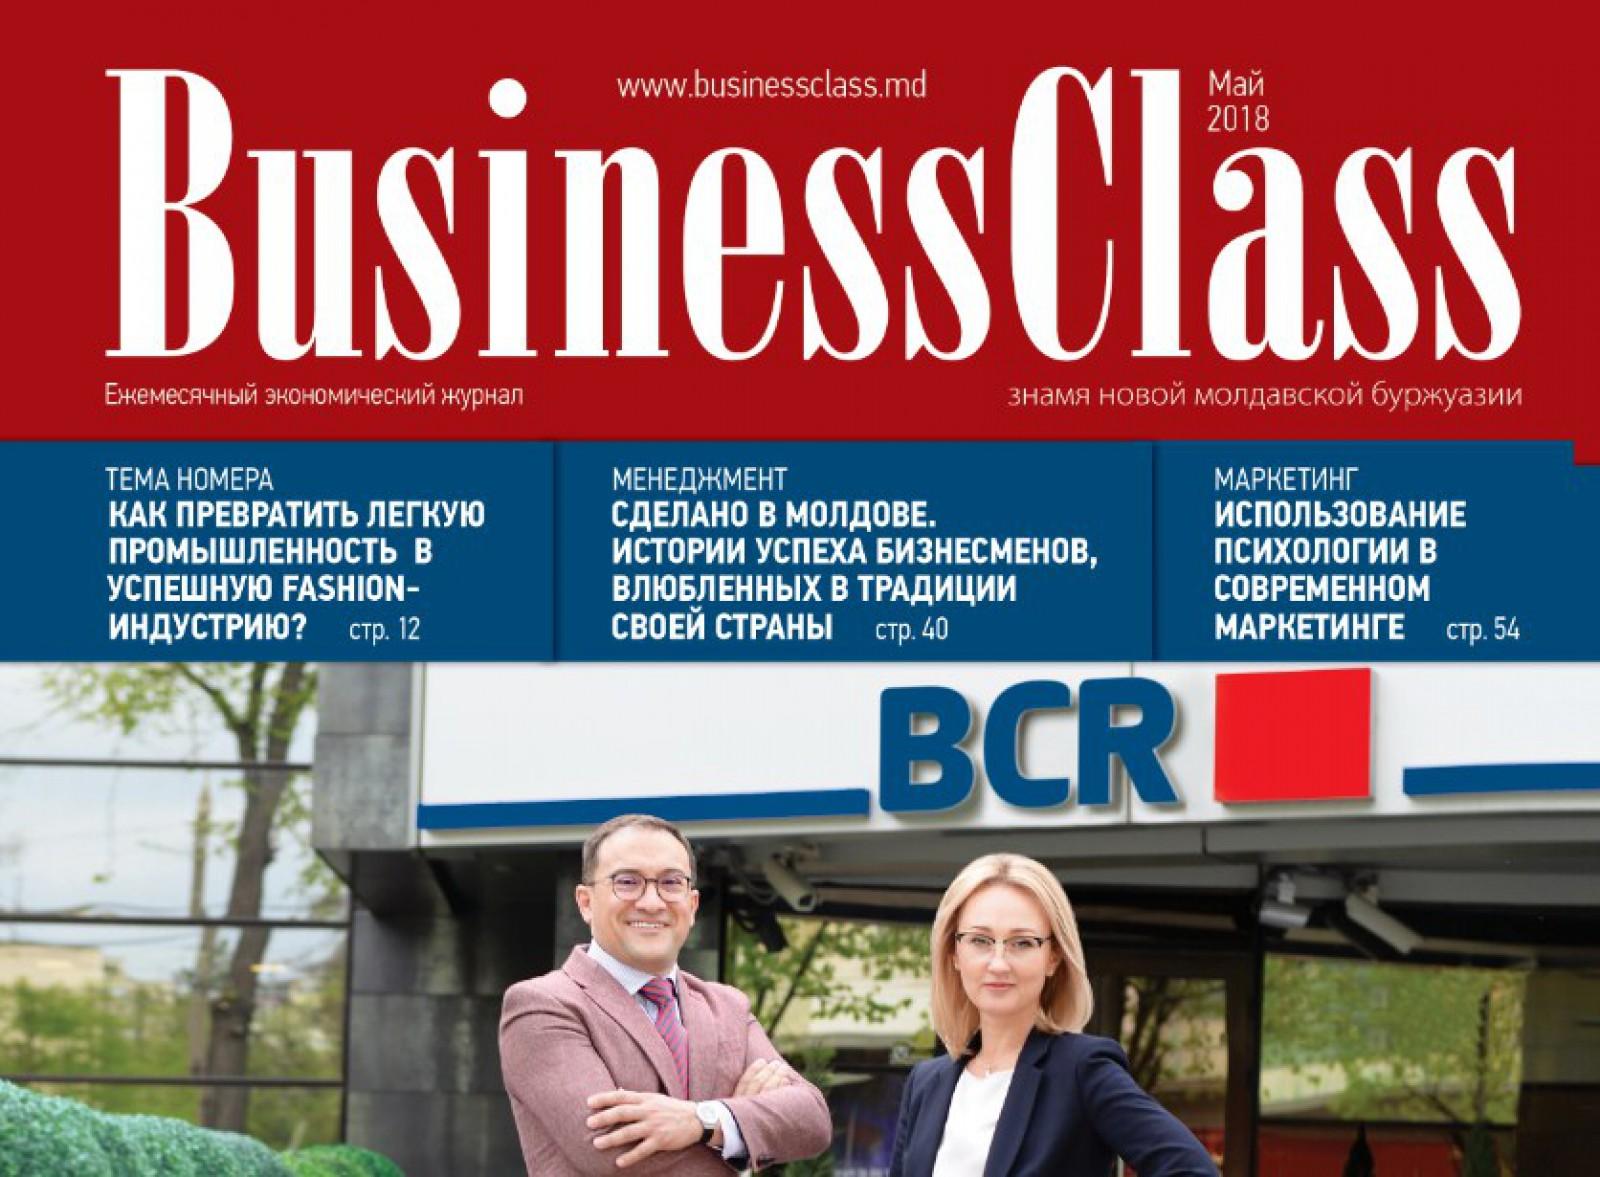 Grăbiți-vă să cumpărați noua ediție a revistei Business Class chiar astăzi